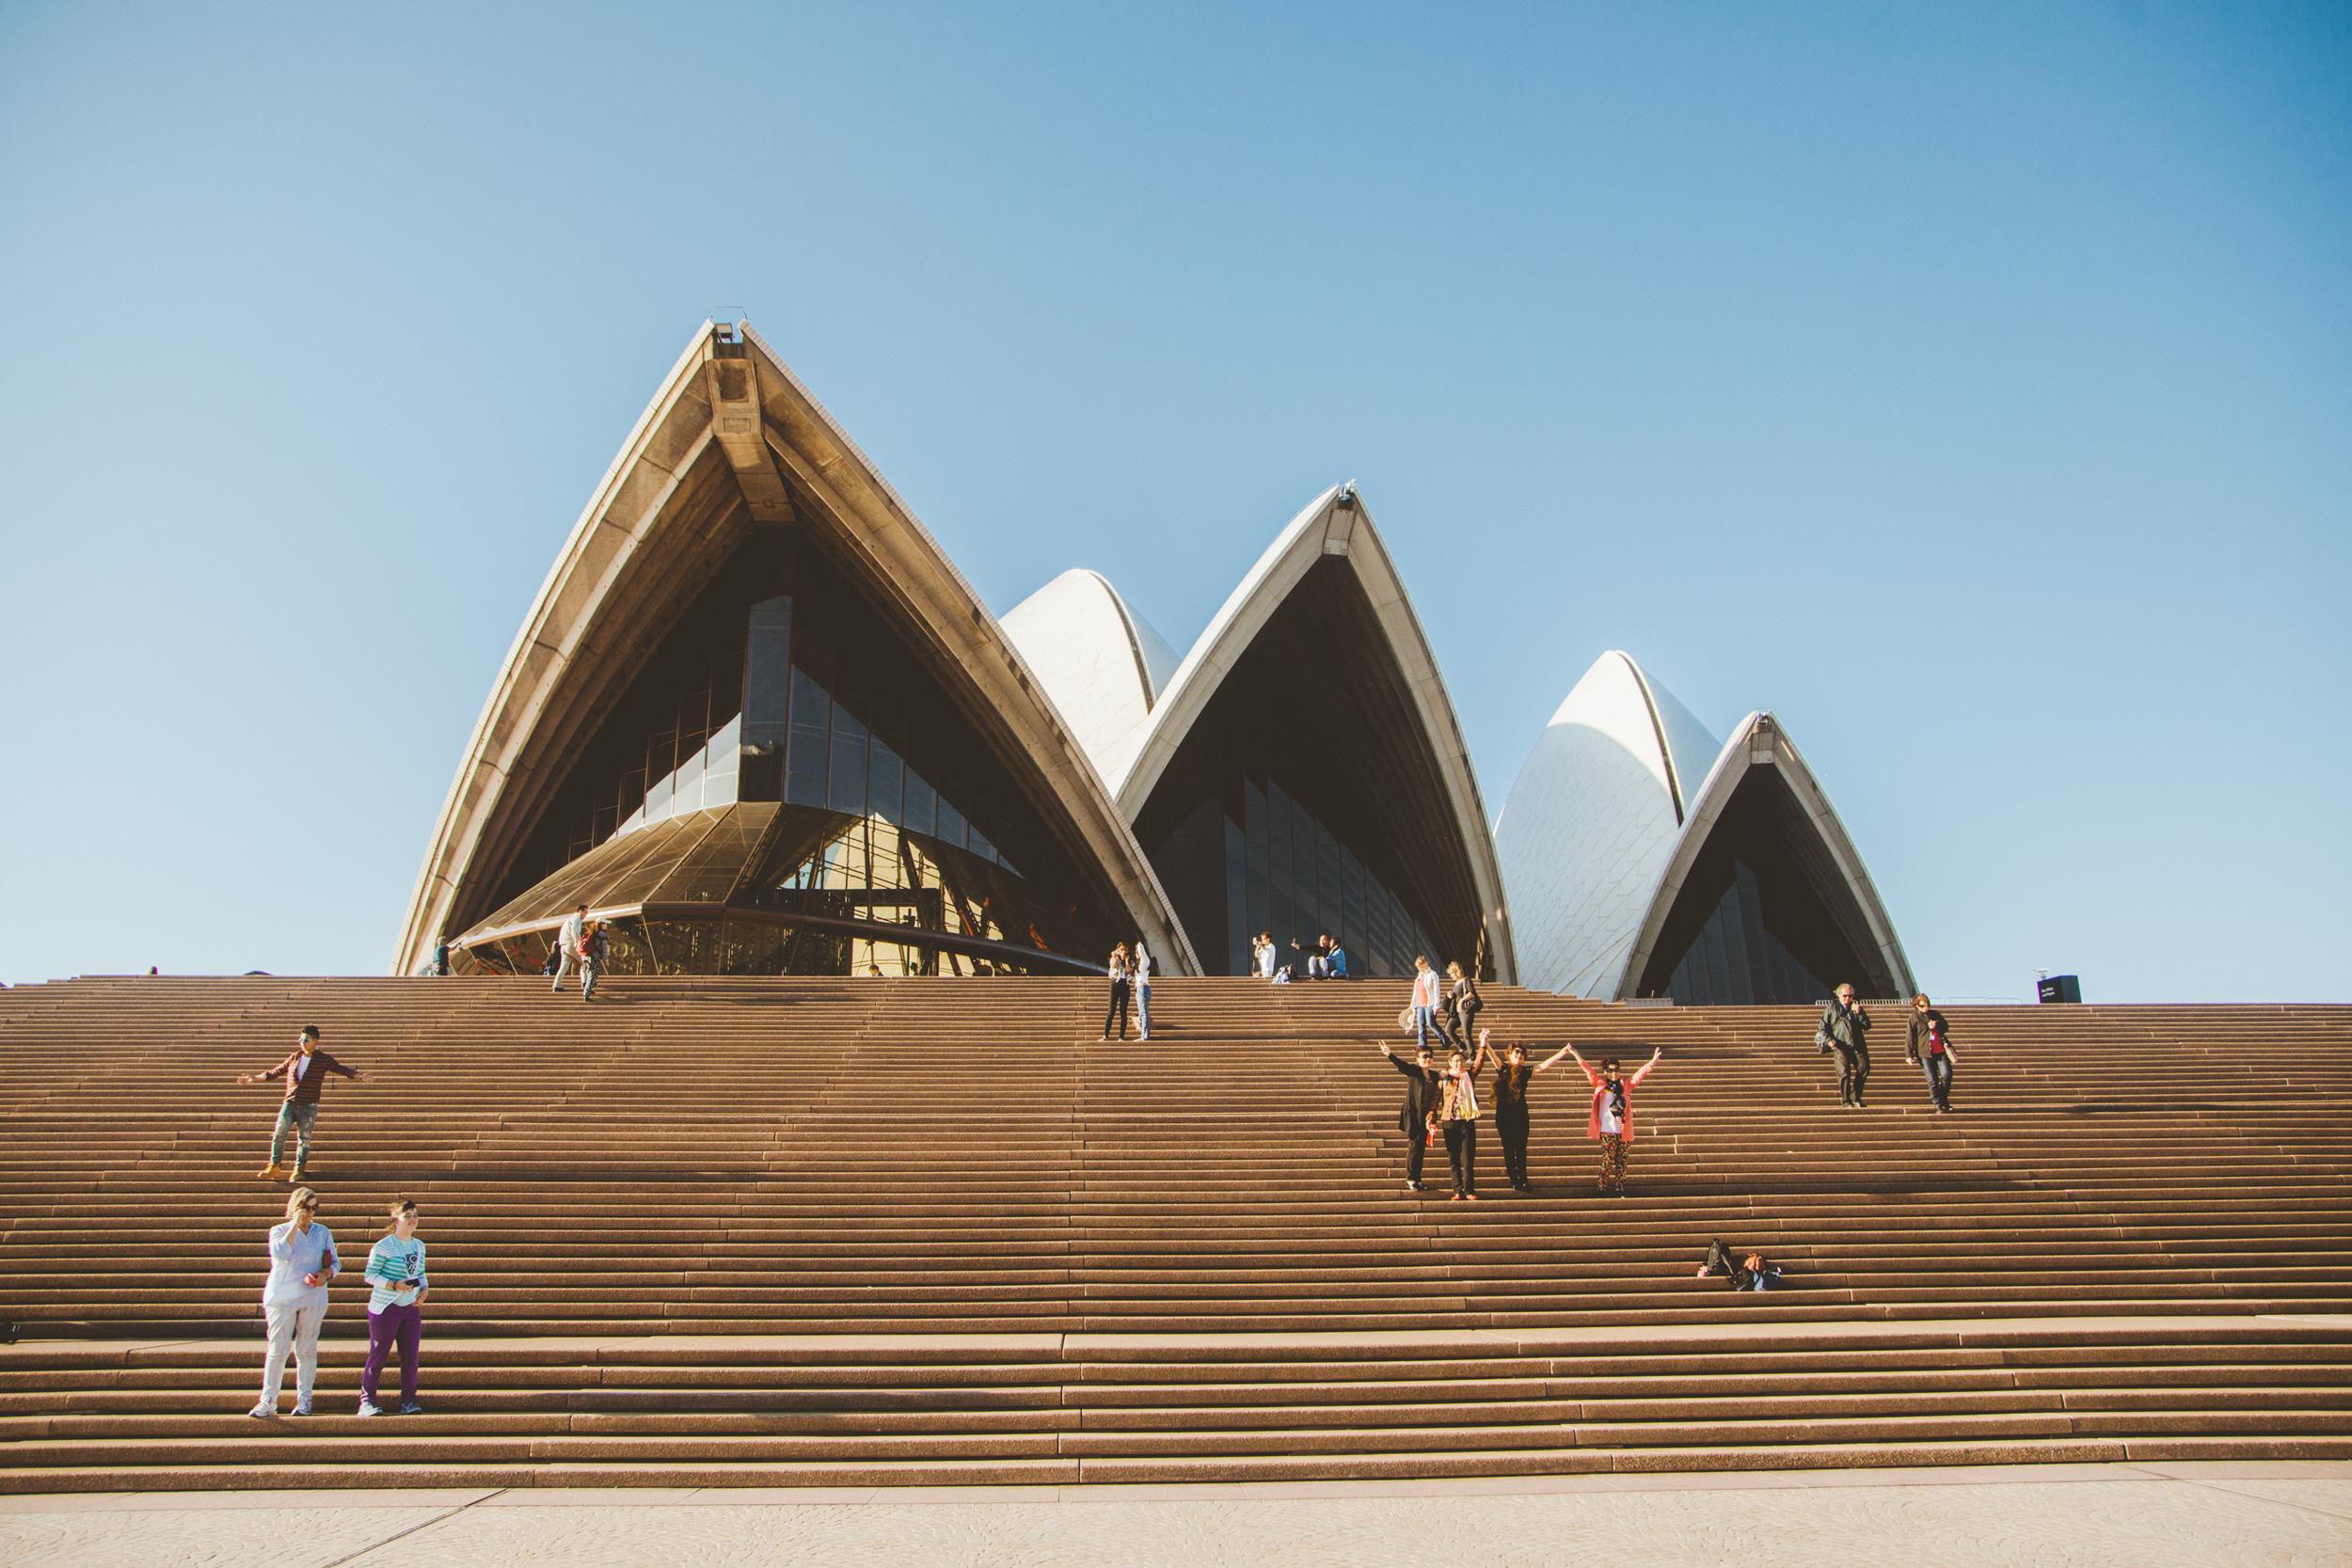 Australia-MARIANNA JAMADI-11.jpg